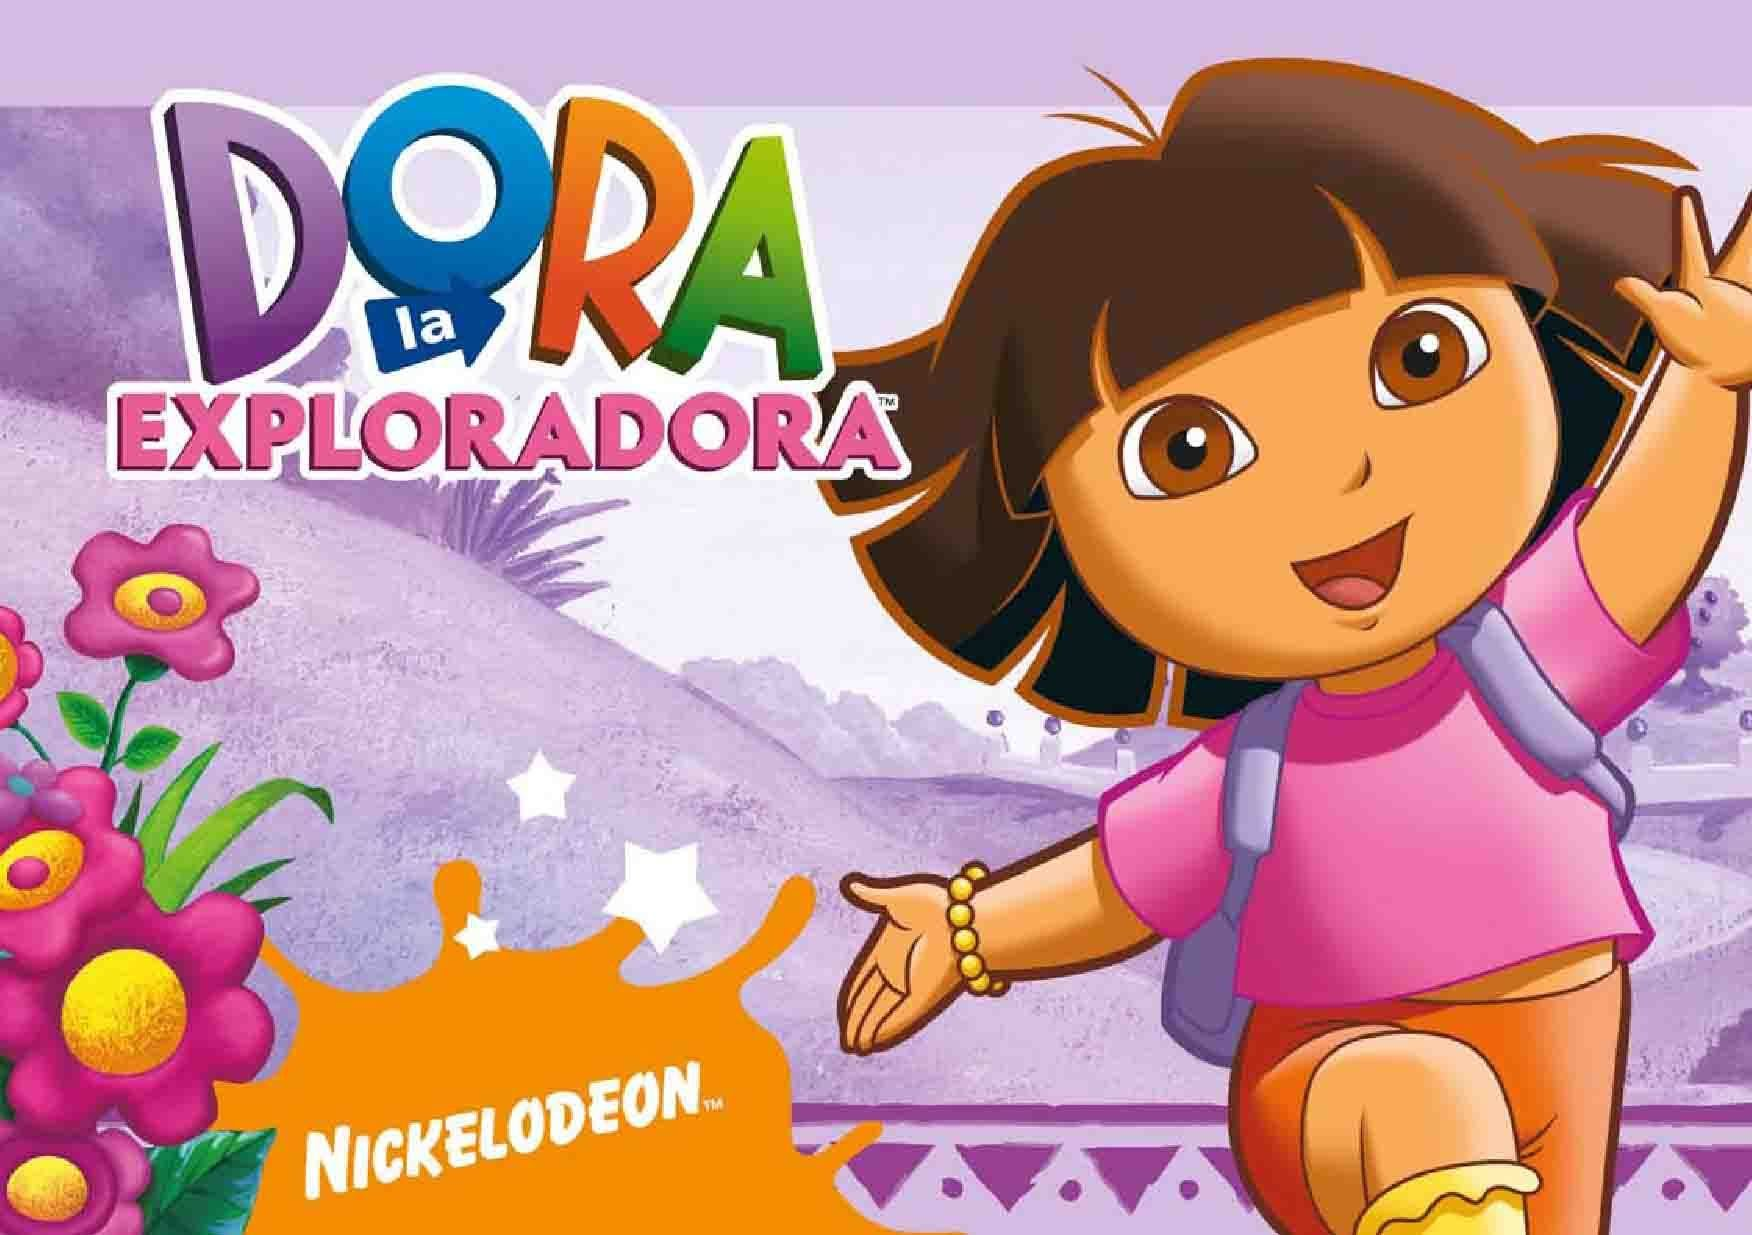 Nickelodeon